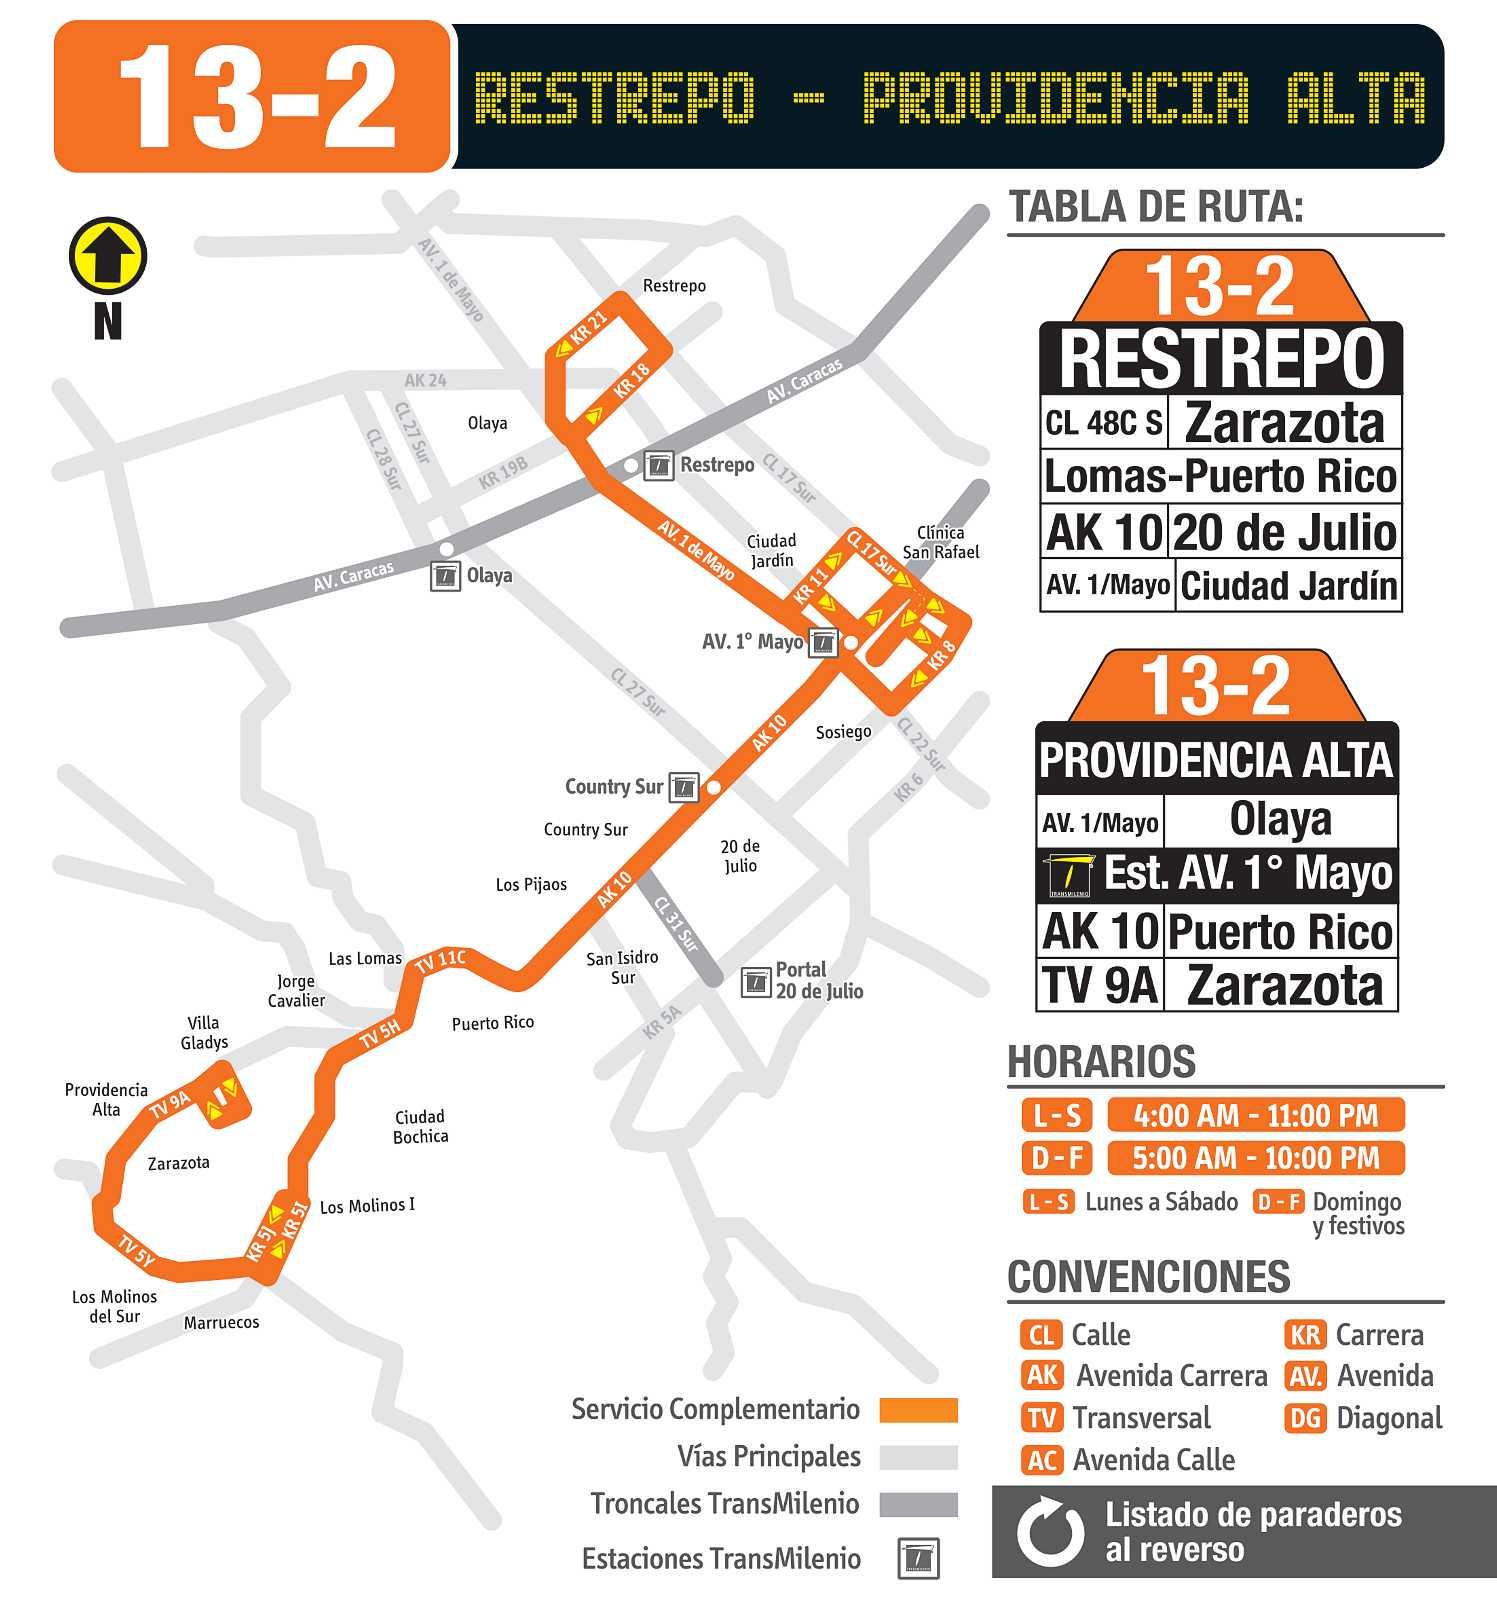 13-2 Retrepo - Providencia Alta (mapa desde 24 septiembre 2018)